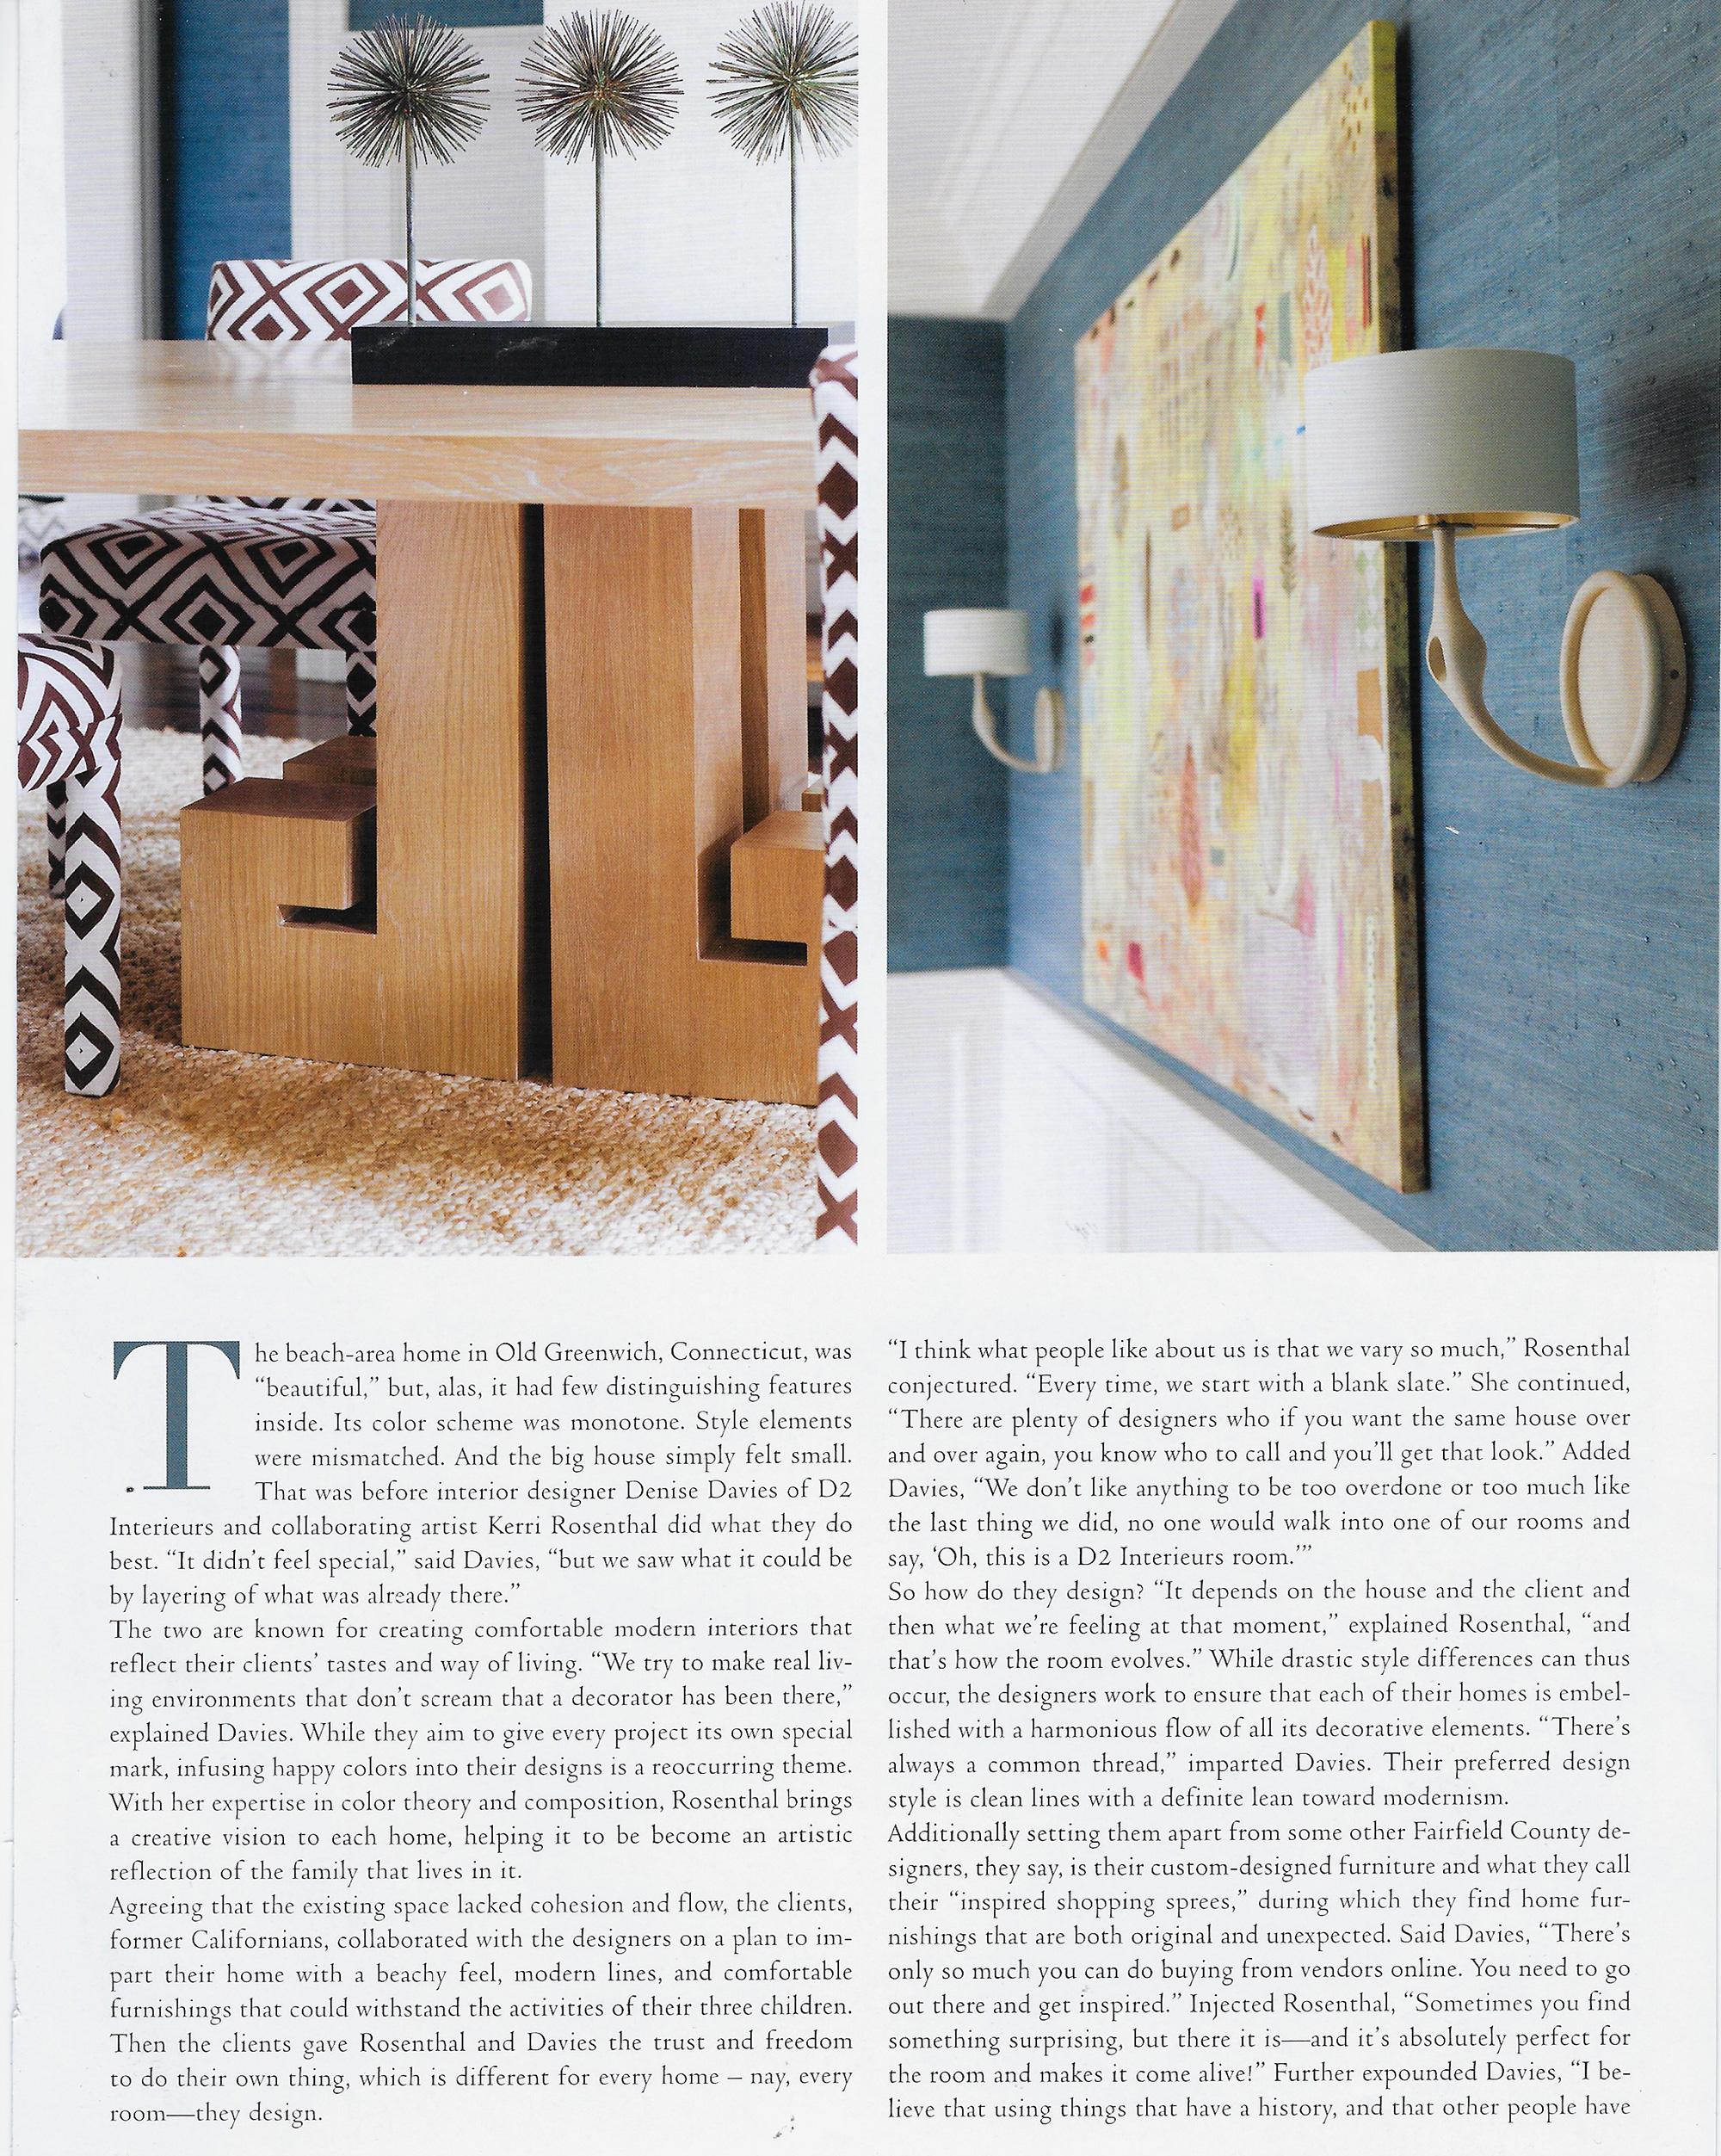 east-coast-home-design-twice-nice-design-4